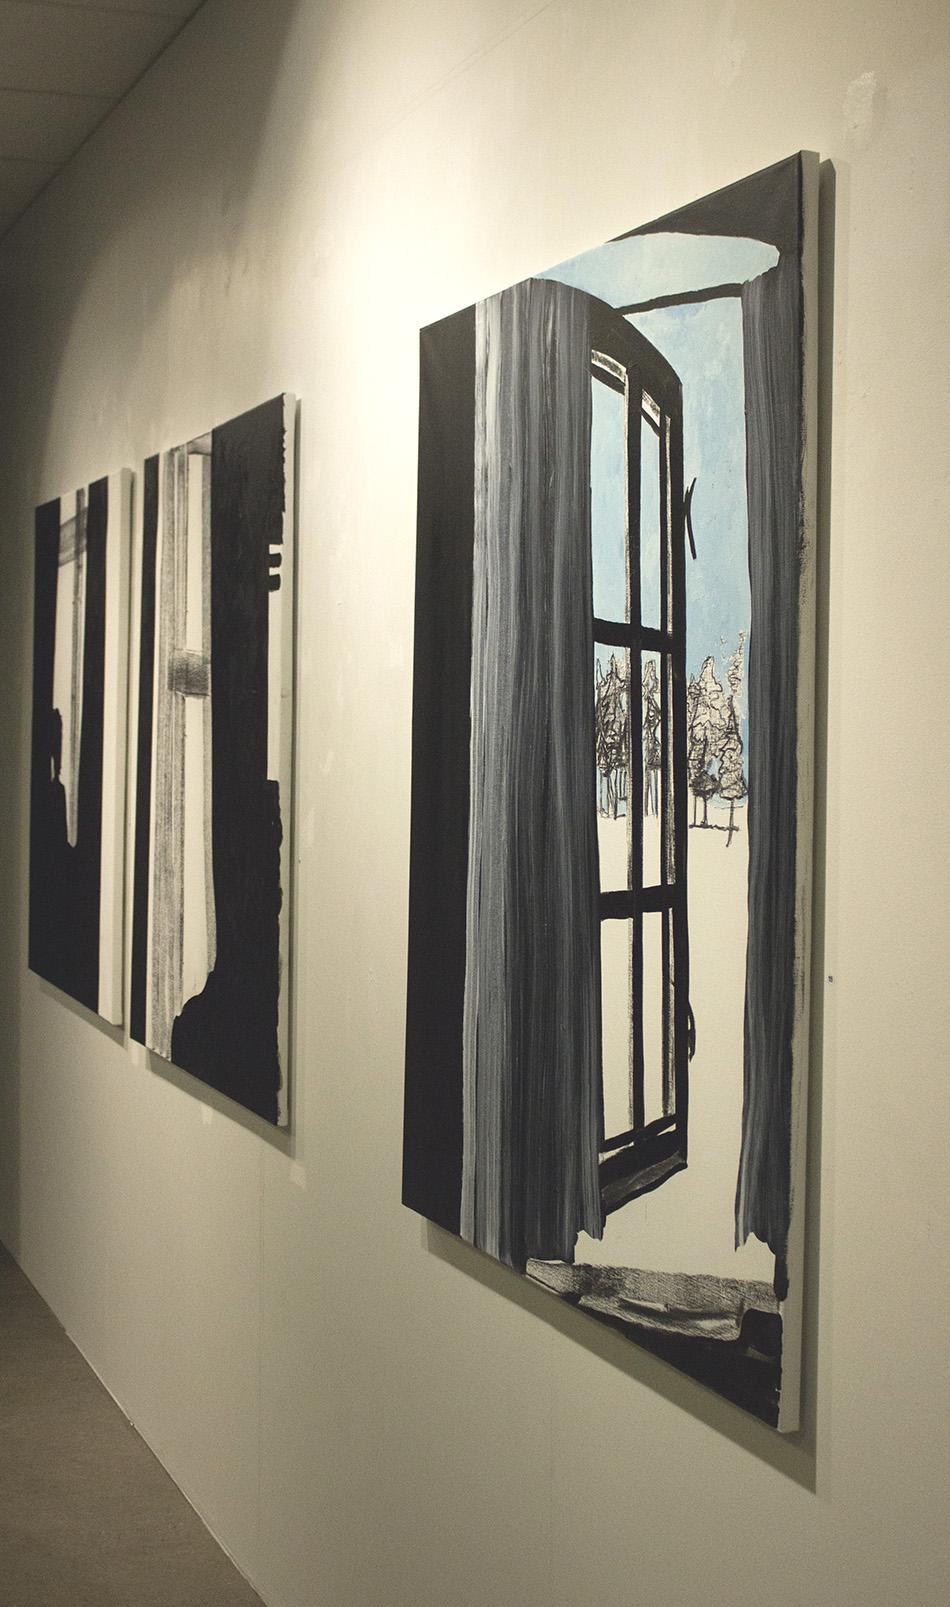 32d05778 De dystre maleriene i utstillingen kom etter at Unni Askeland ikke hadde  hatt et galeri å jobbe i.